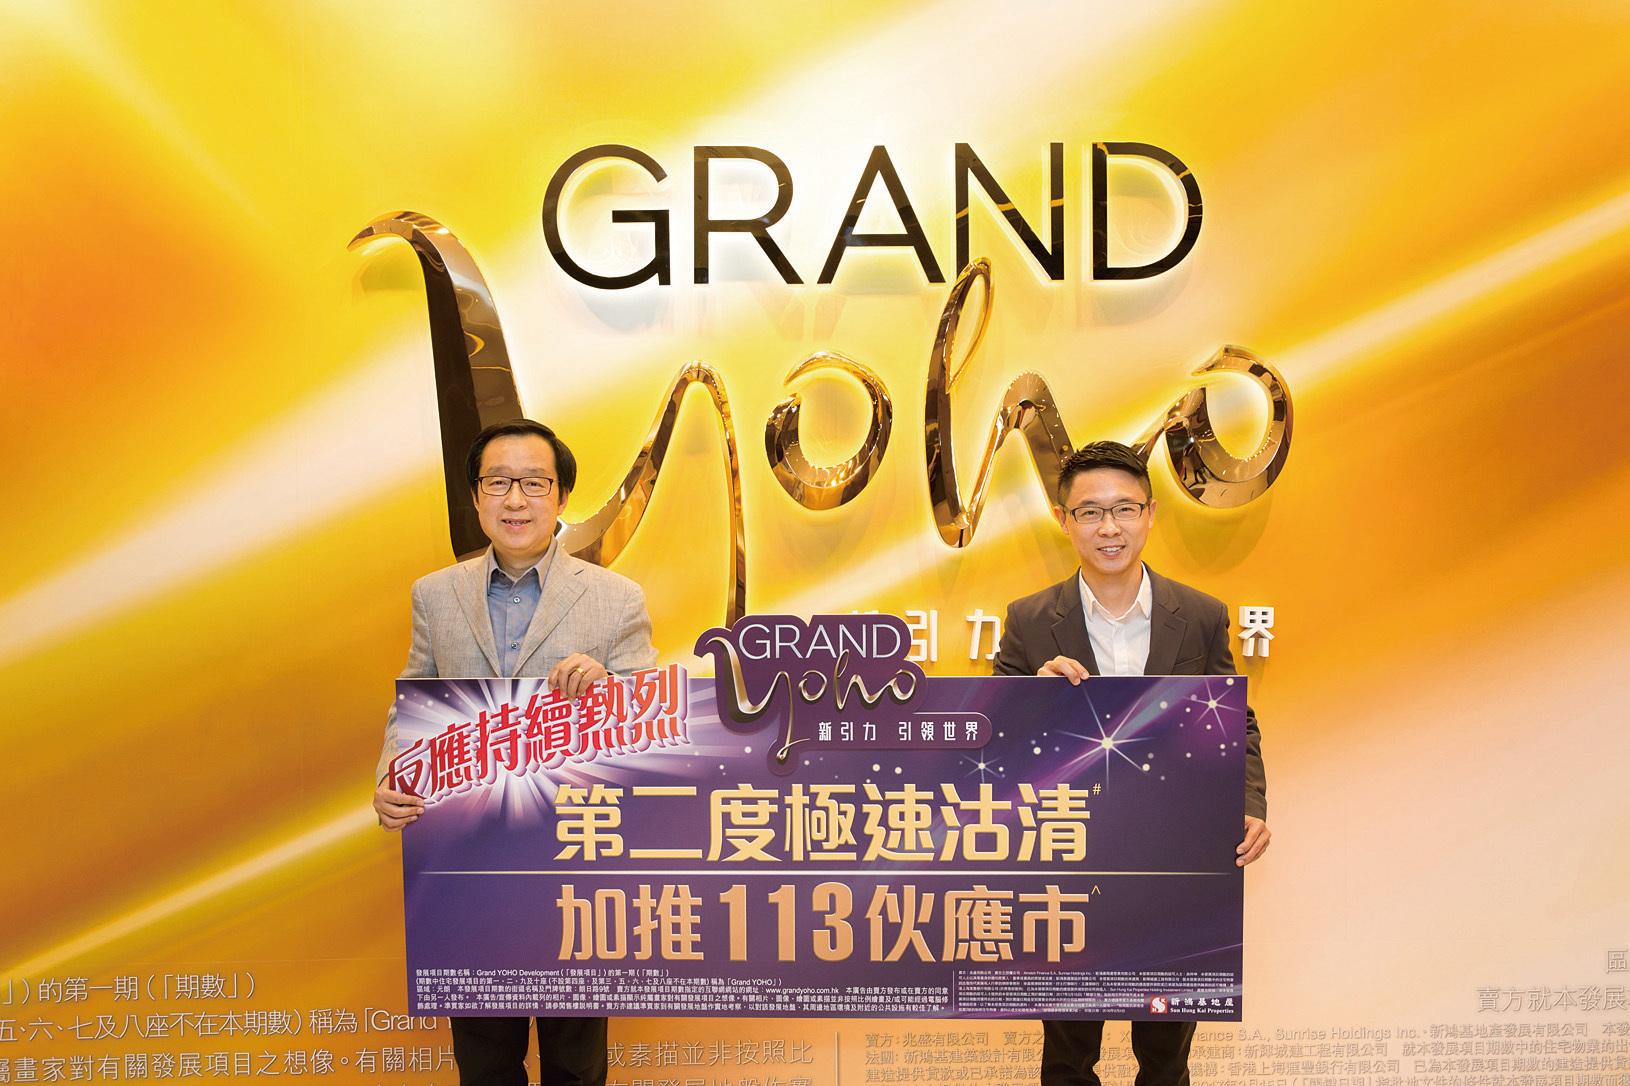 Grand Yoho第三輪加推113伙,部份單位更加價逾20%。(新鴻基地產提供)